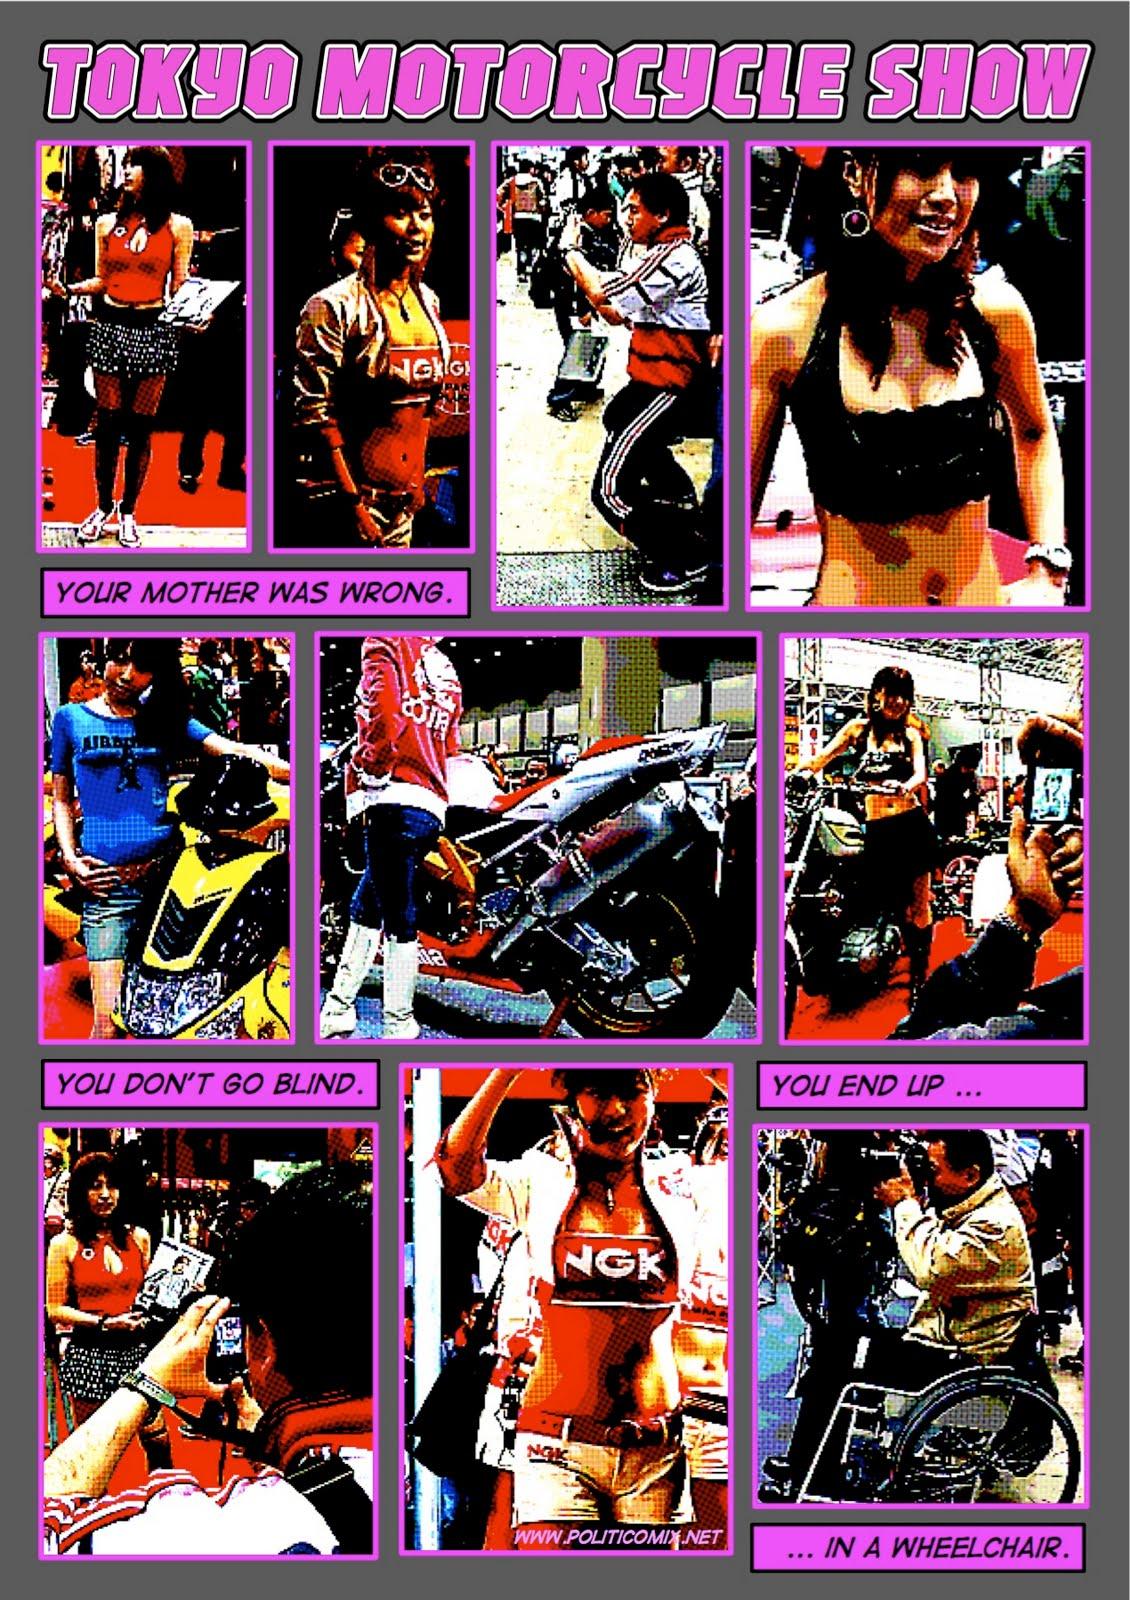 TokyoMotorcycleShow MotherWasWrong Random Wallpapers